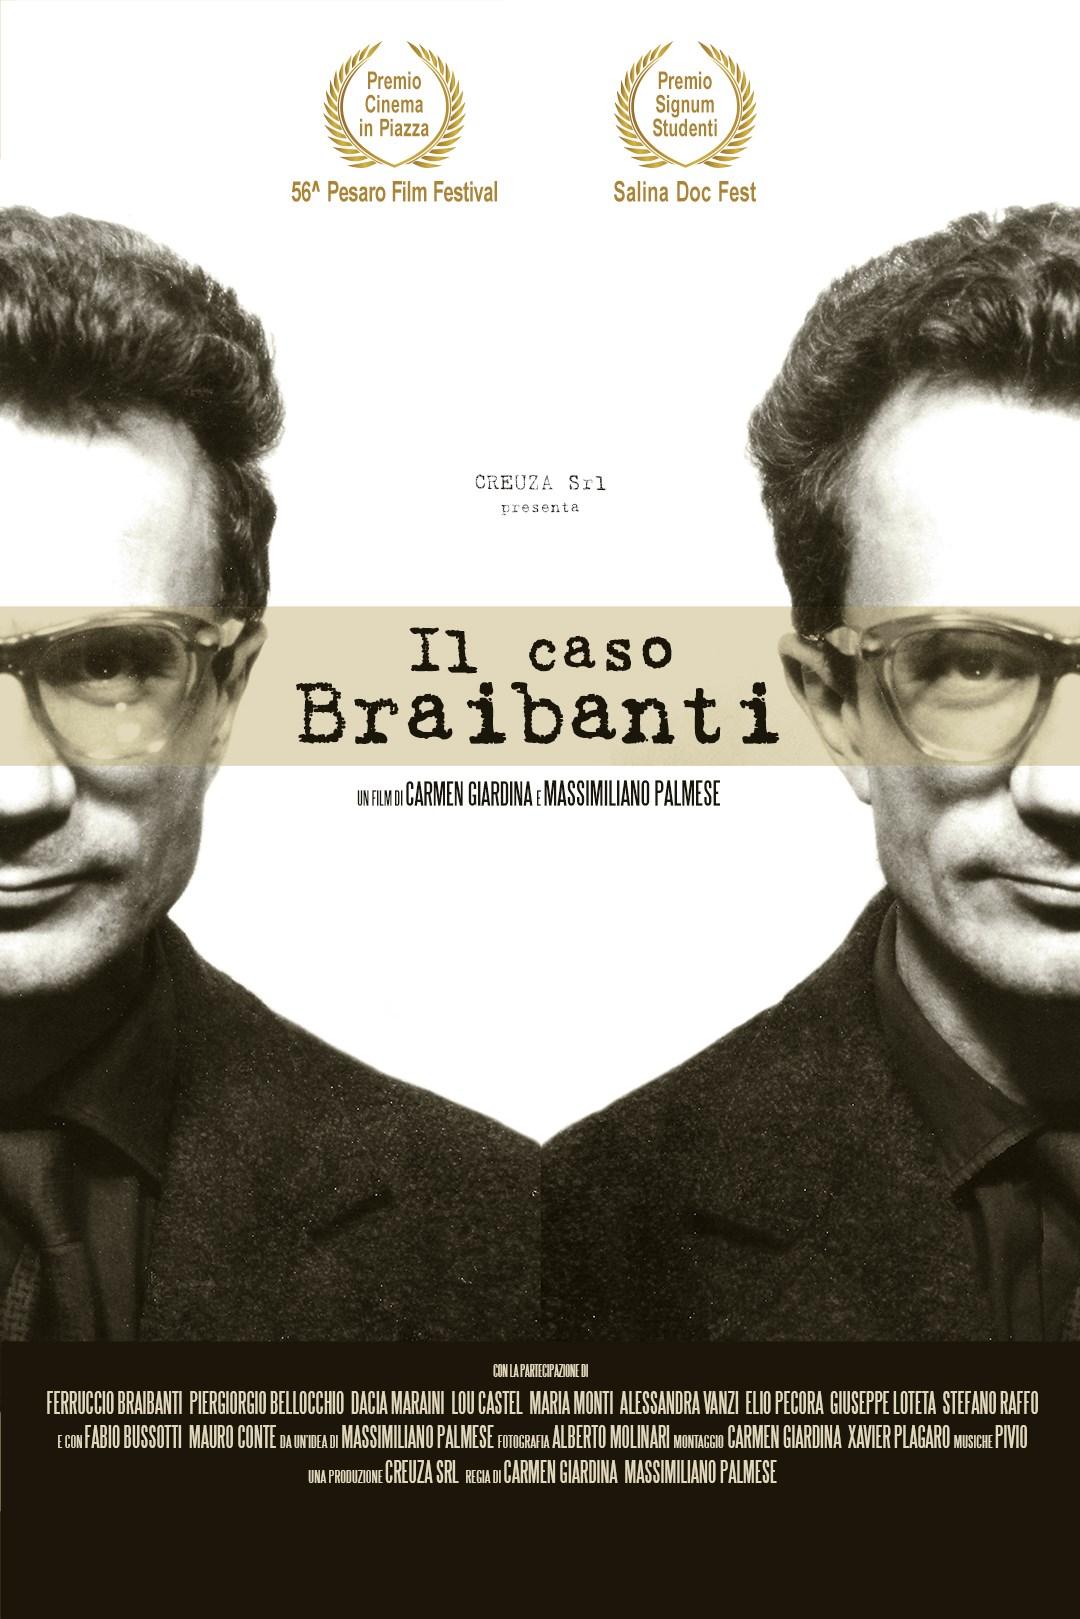 Locandina de Il Caso Braibanti un film di Carmen Giardina e Massimiliano Palmese